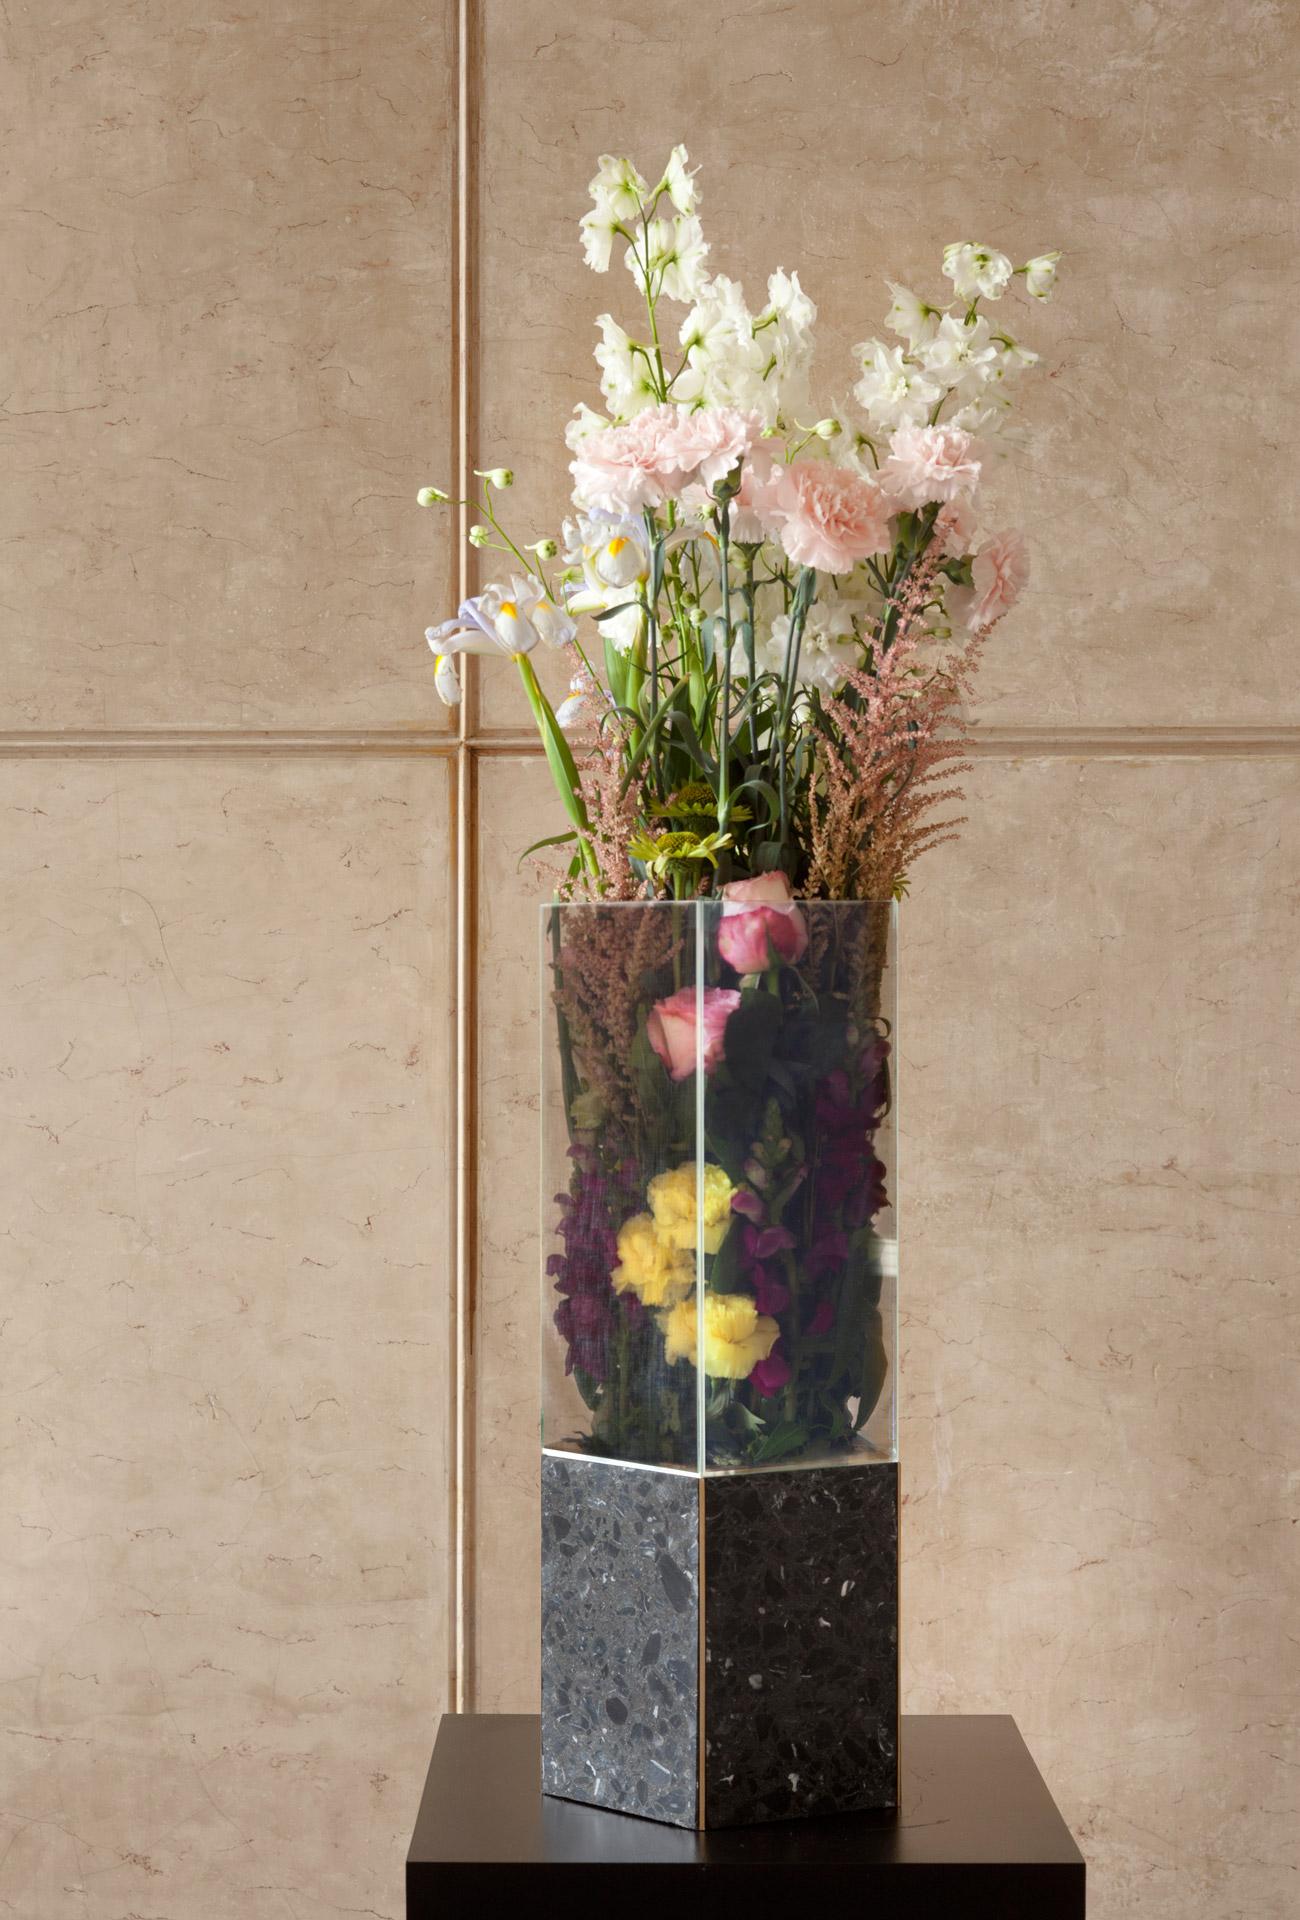 Tino Seubert - Narcissus Vase